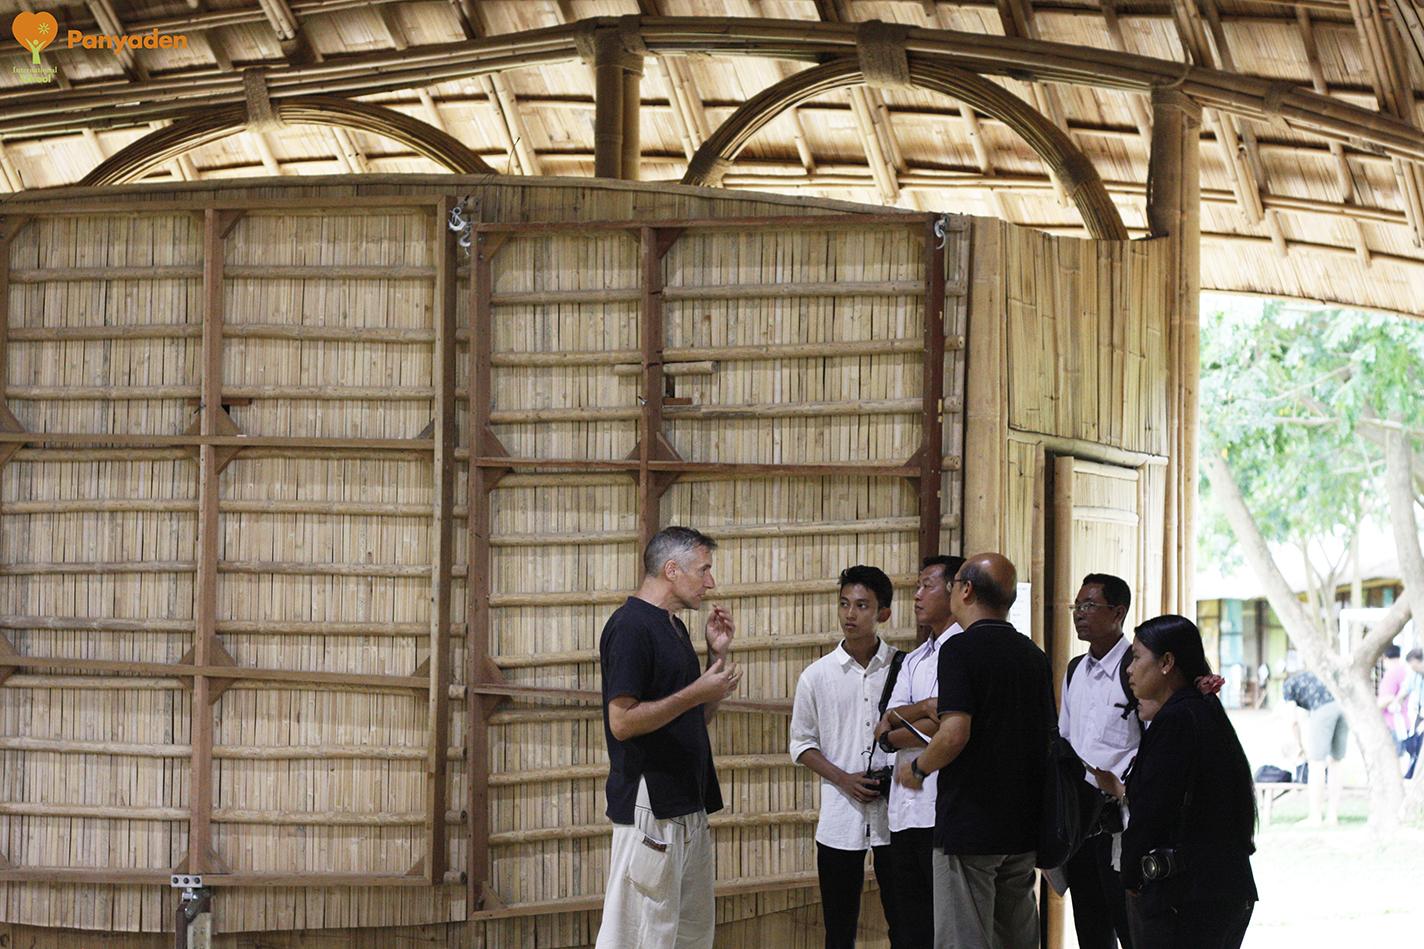 UNESCO Myanmar officials with Panyaden School Director Neil Ams